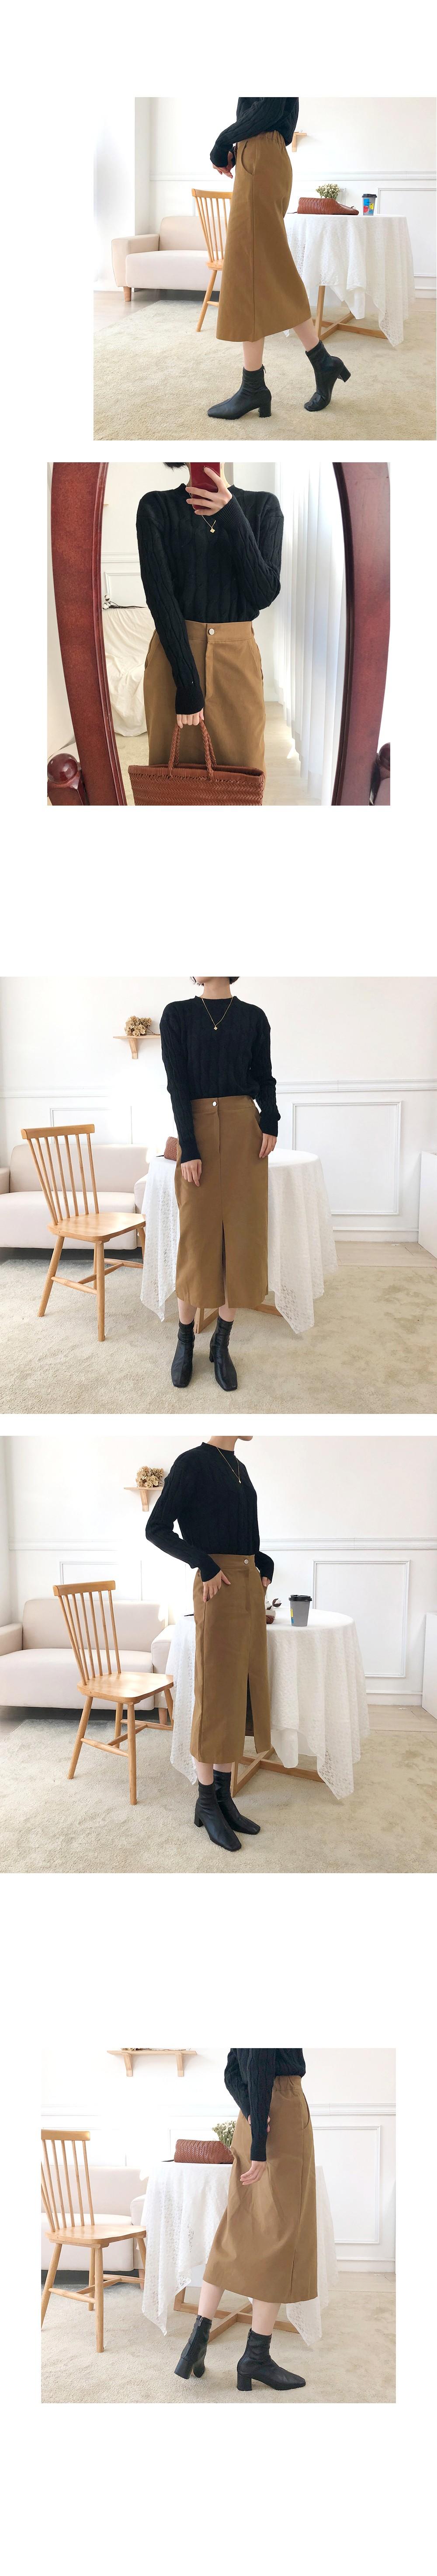 Slaw long skirt